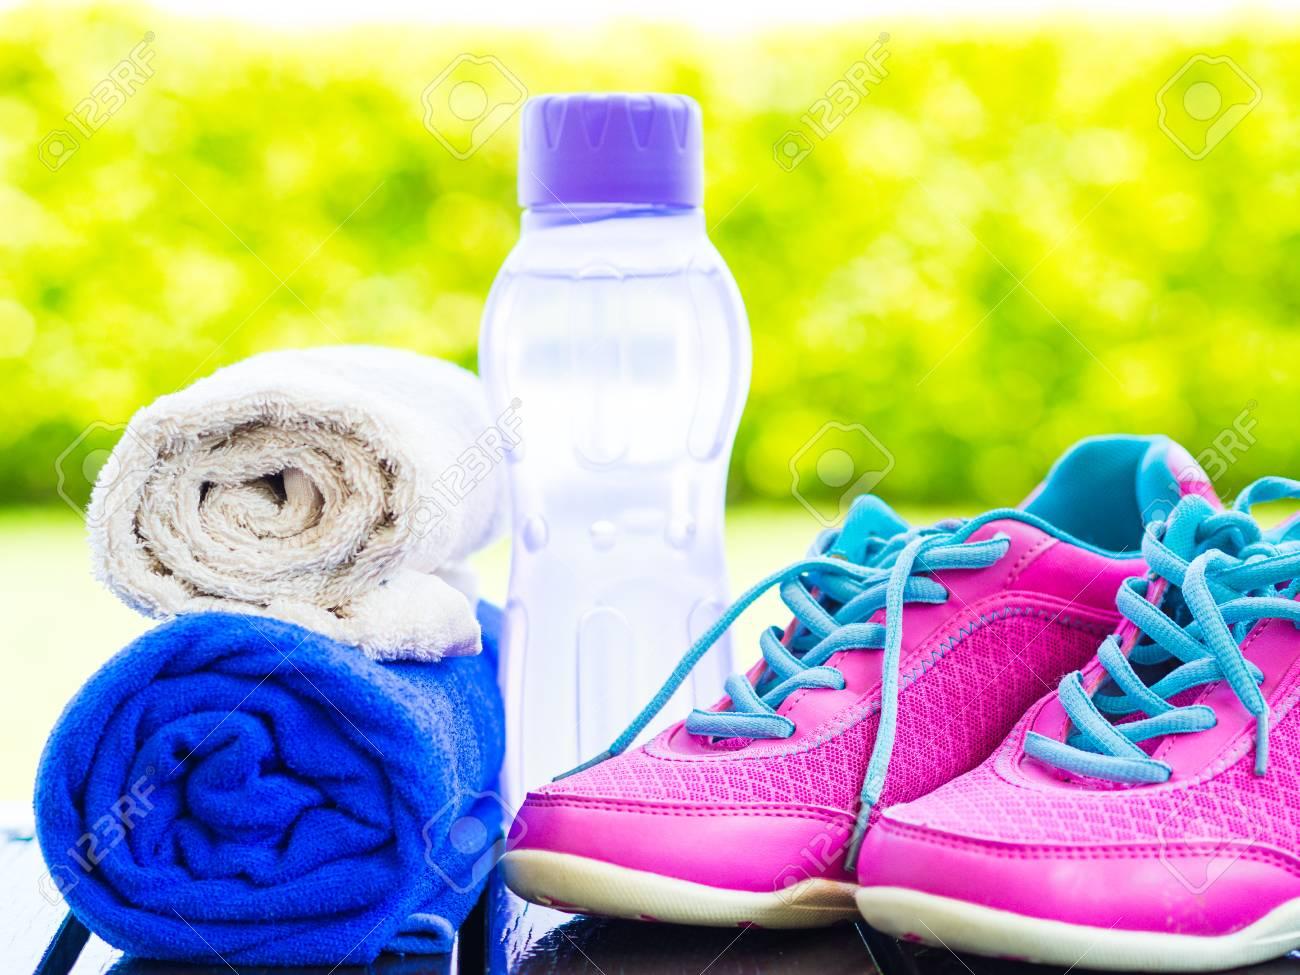 Paire Chaussures Sport Sur Rose Fnhpw De D'eau Bouteille Serviette K1JTlcF